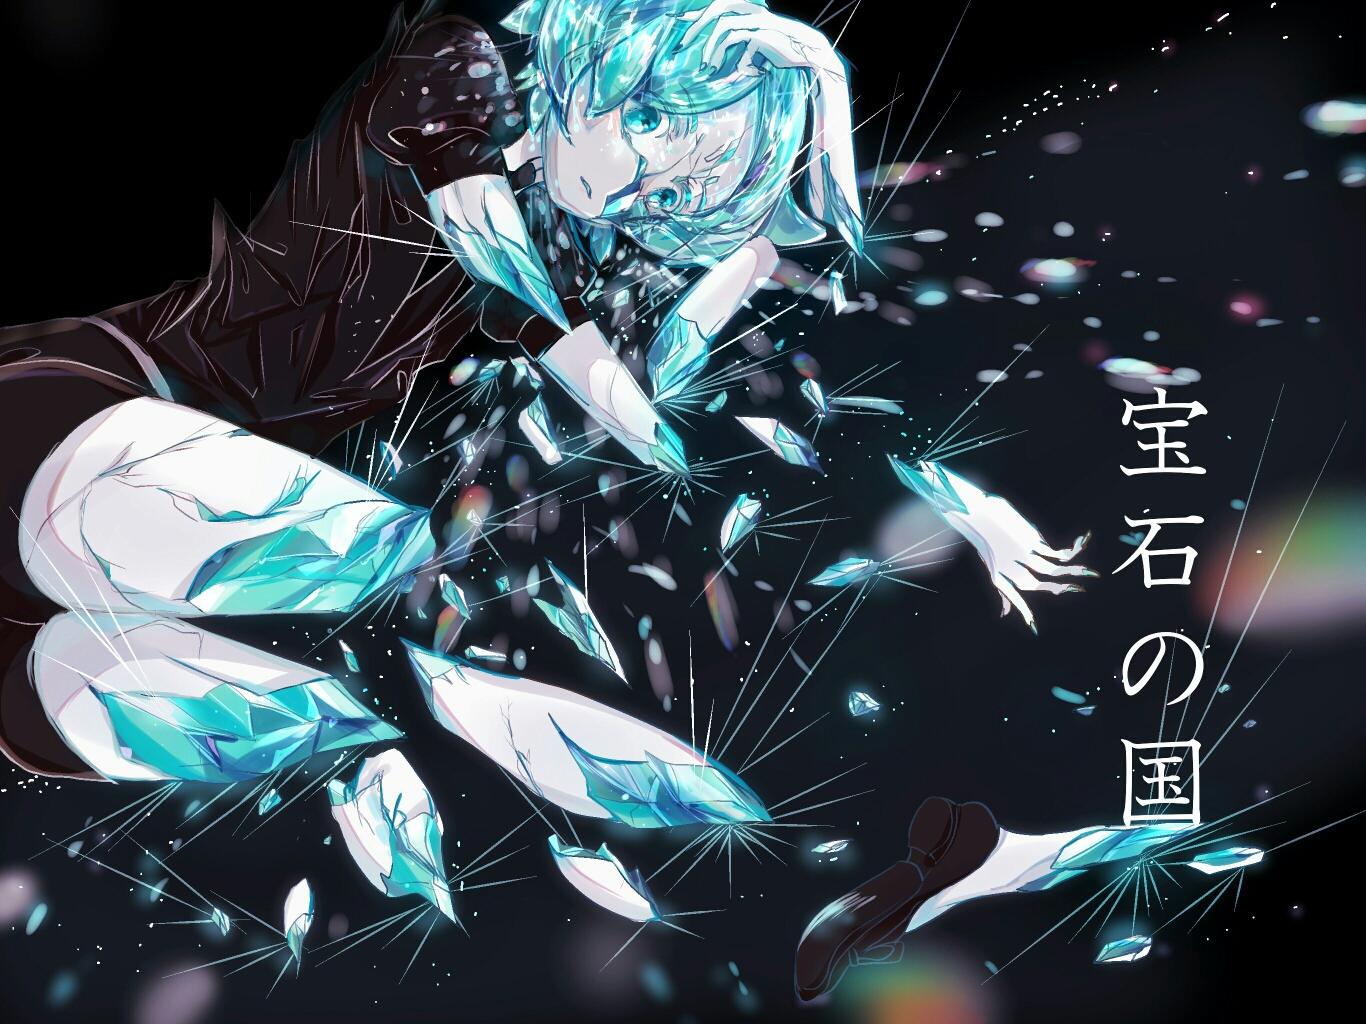 宝石之国超美壁纸!#p站图宝石篇